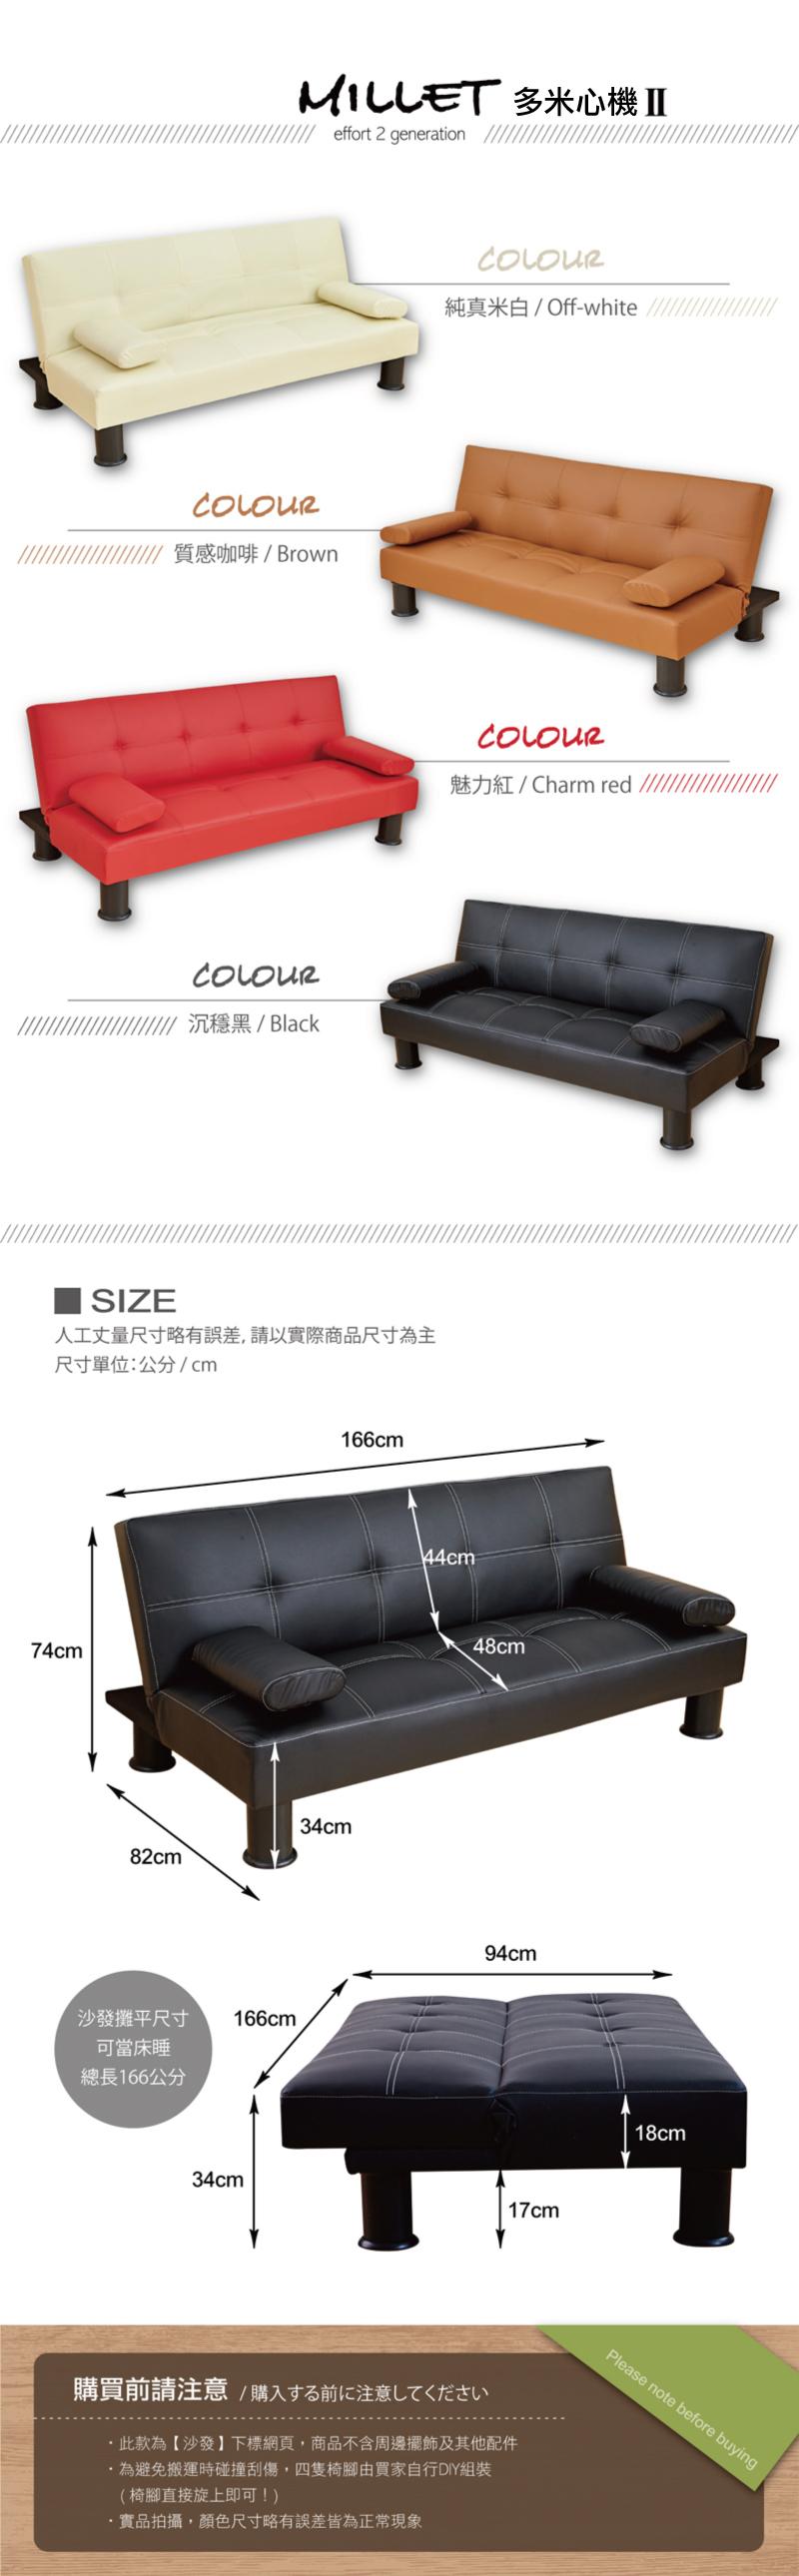 【班尼斯國際名床】~熱銷經典【Millet 多米心機 II代】皮革多人座優質沙發床(升級加贈兩個抱枕)